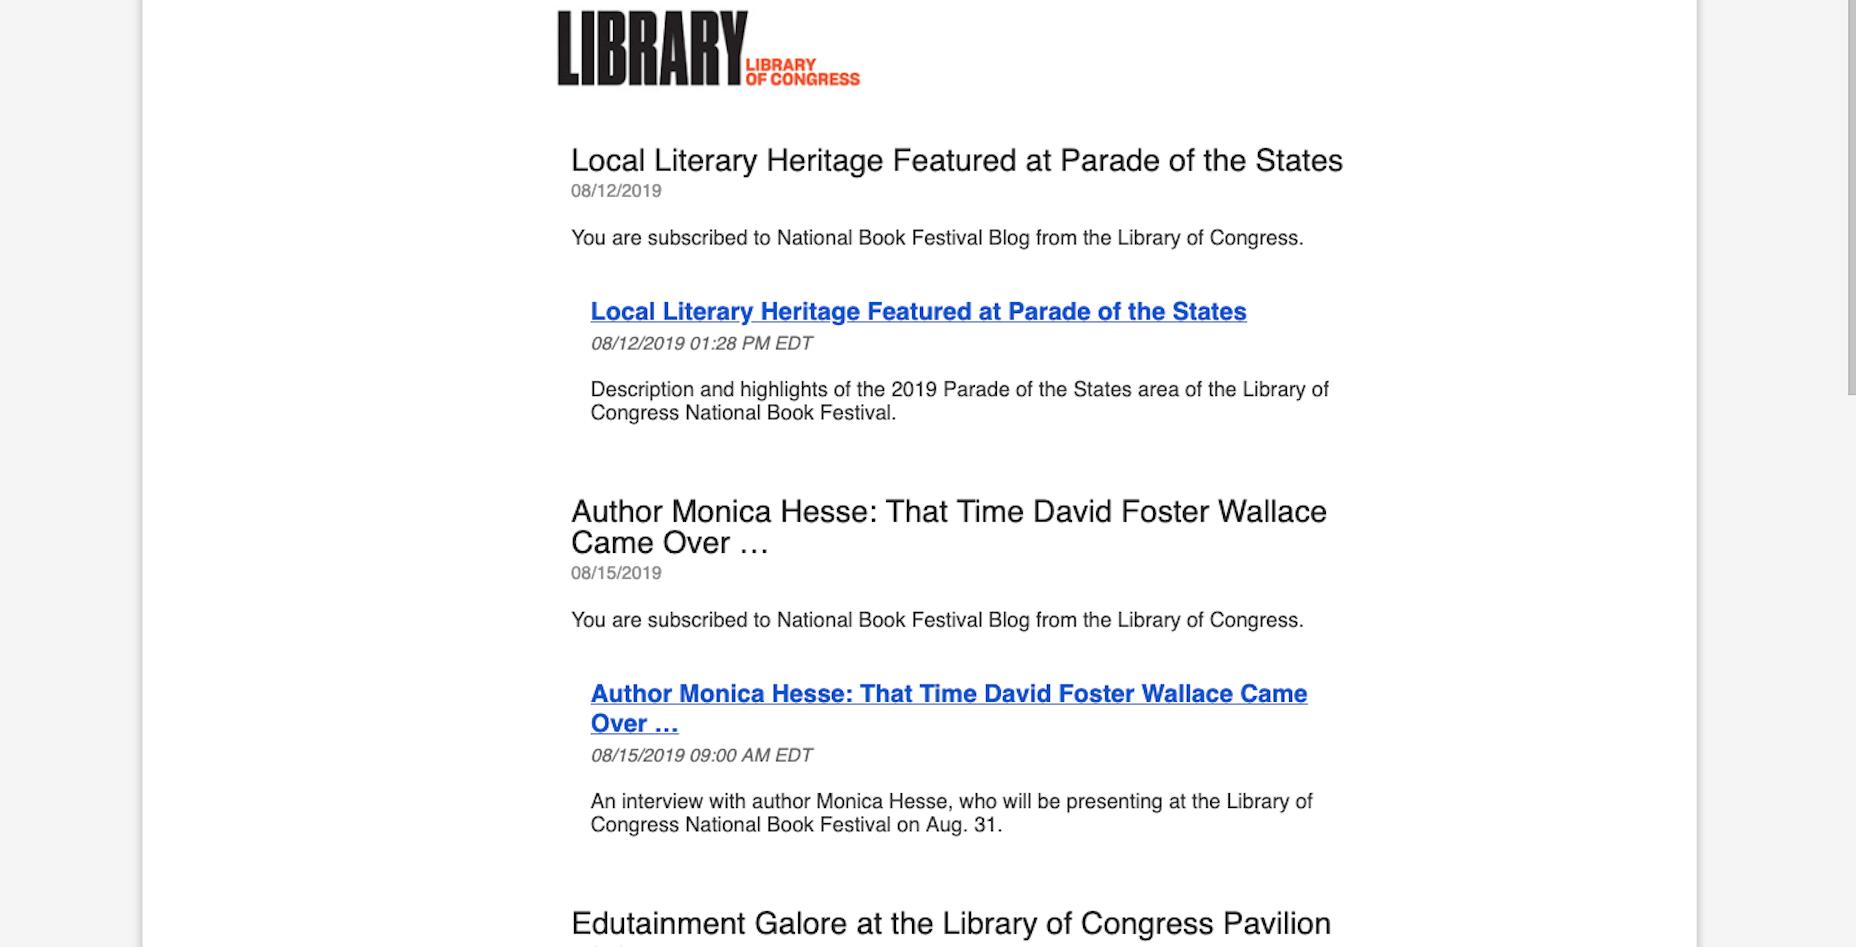 Boletín de la Biblioteca del Congreso